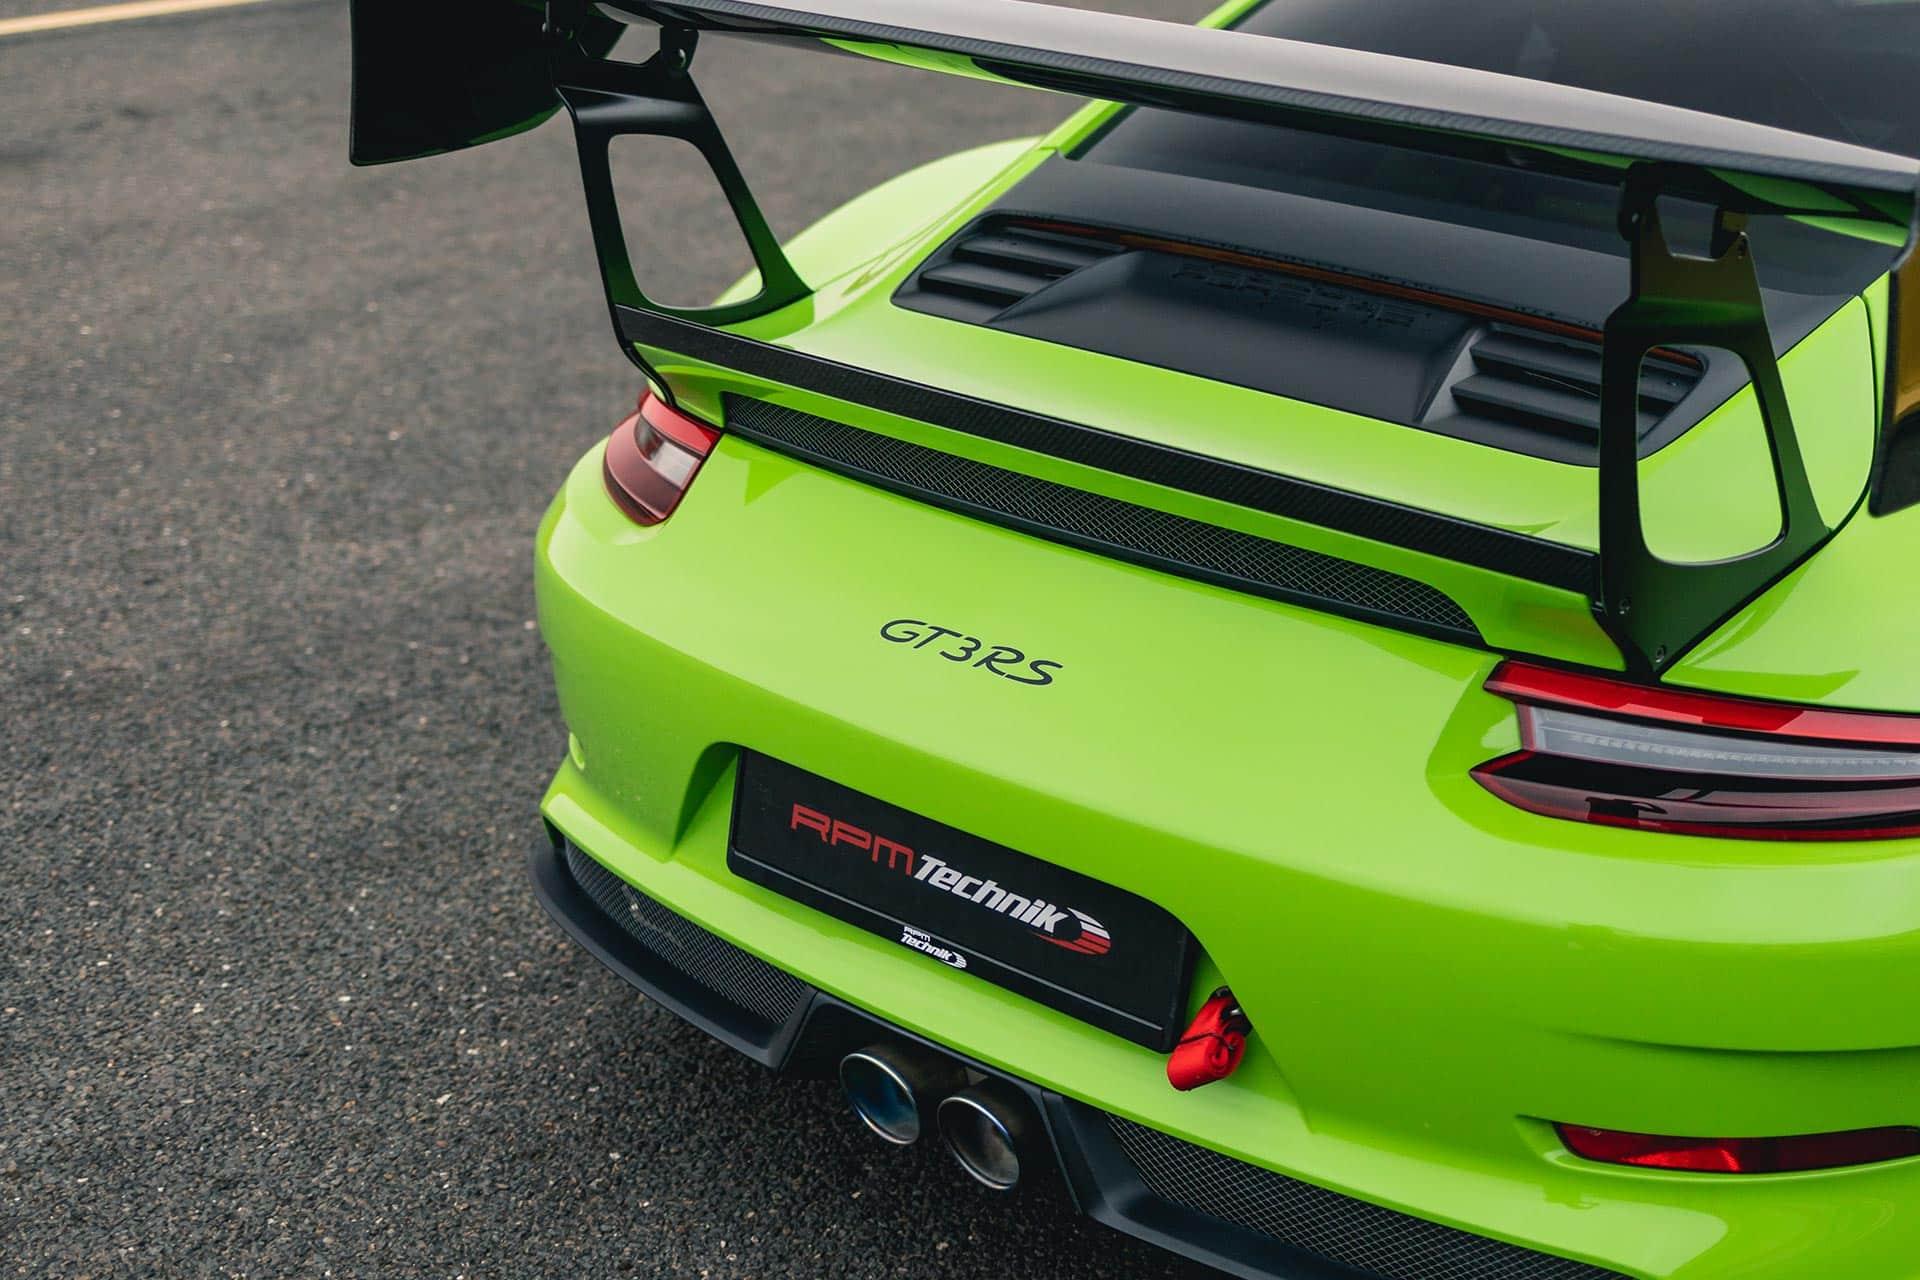 gt3rs-mr-lizard-green-03